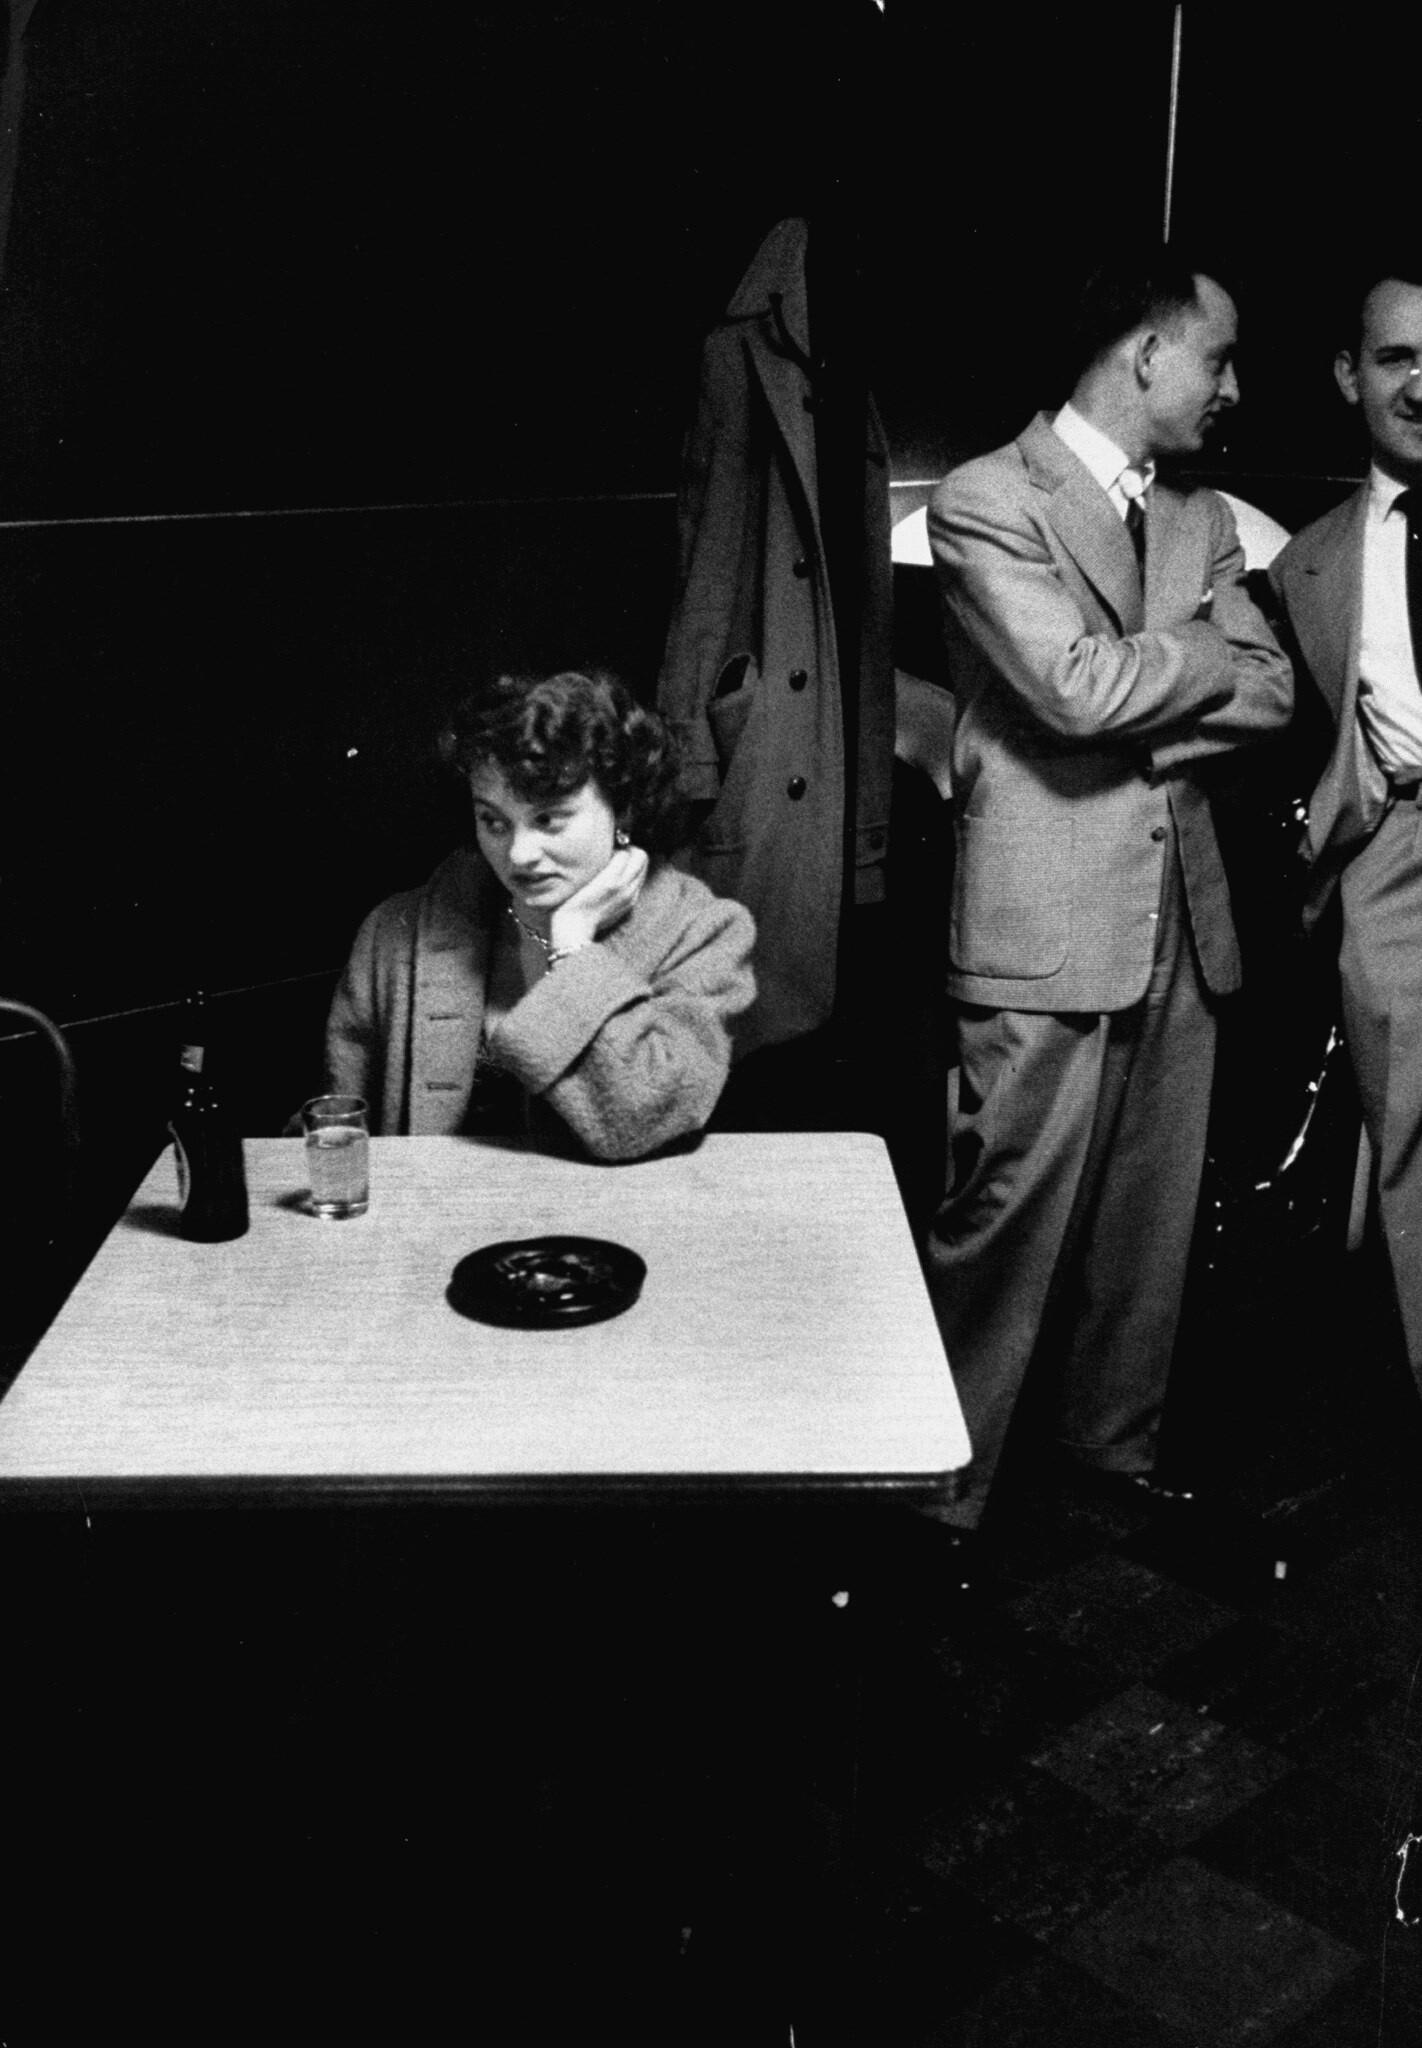 Барная сцена, 1955. Фотограф Джон Доминис